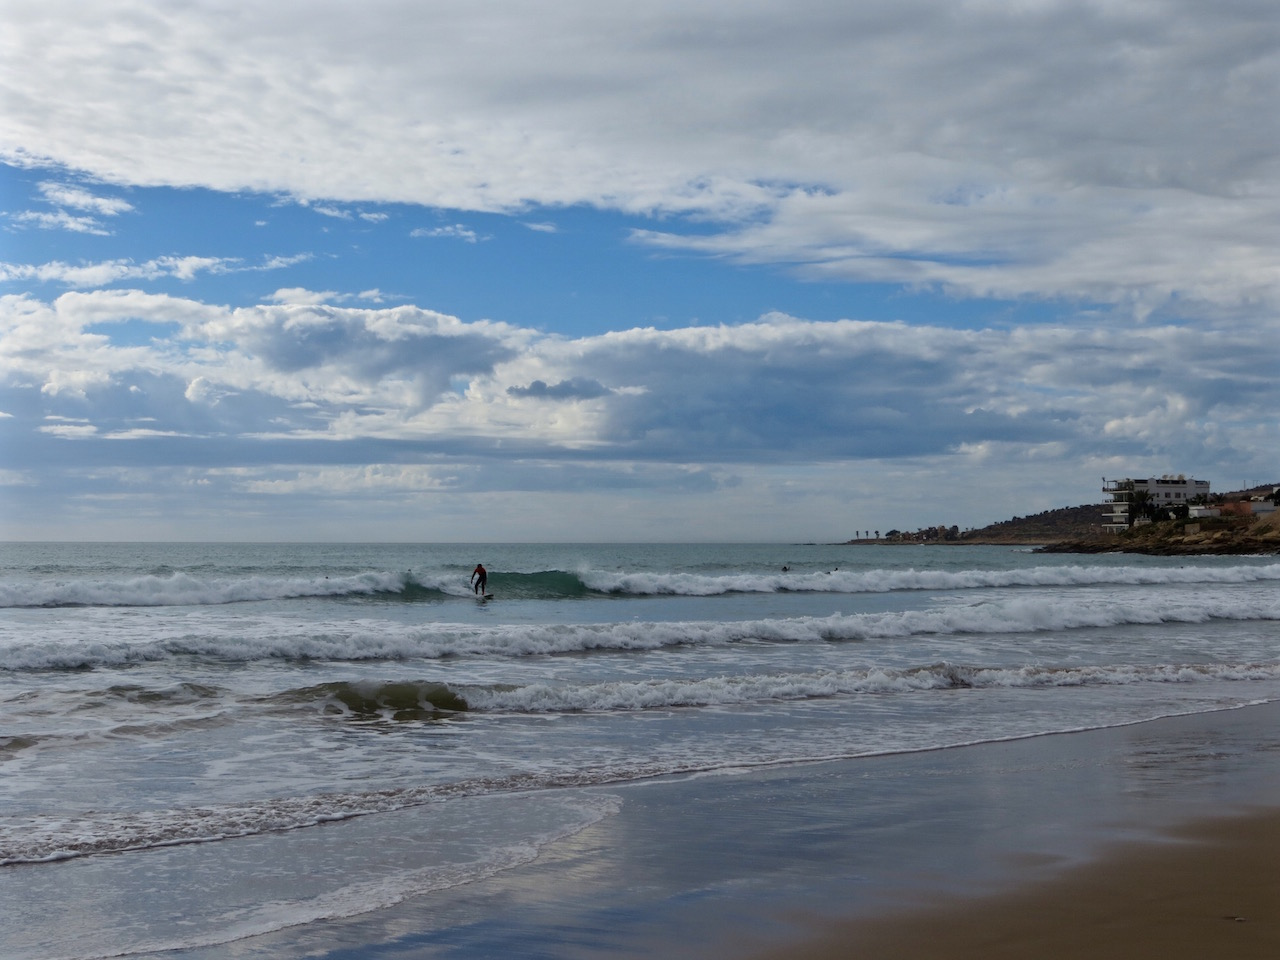 Surfen lässt es sich an der ganzen Küste!